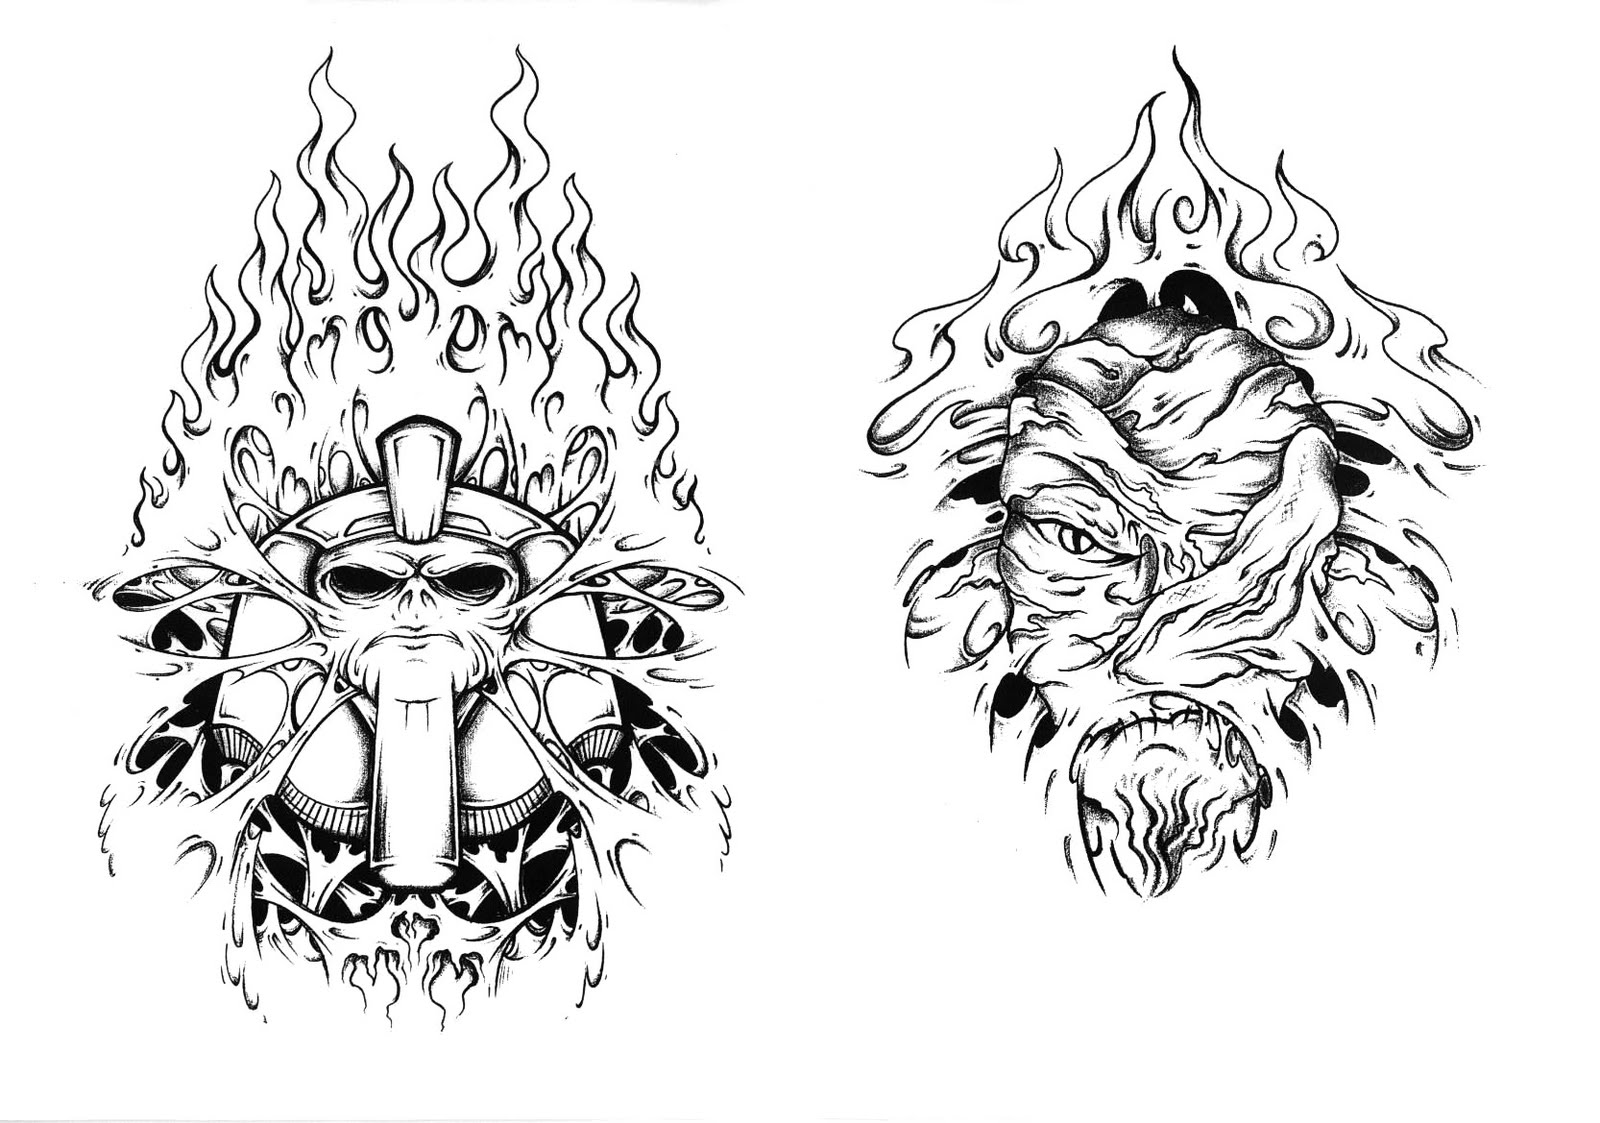 http://1.bp.blogspot.com/-zzL1HRzpw1s/Tjqu2InncwI/AAAAAAAAIsI/IeGWze6GuAU/s1600/Egypt+Tattoo+Pattern16.jpg